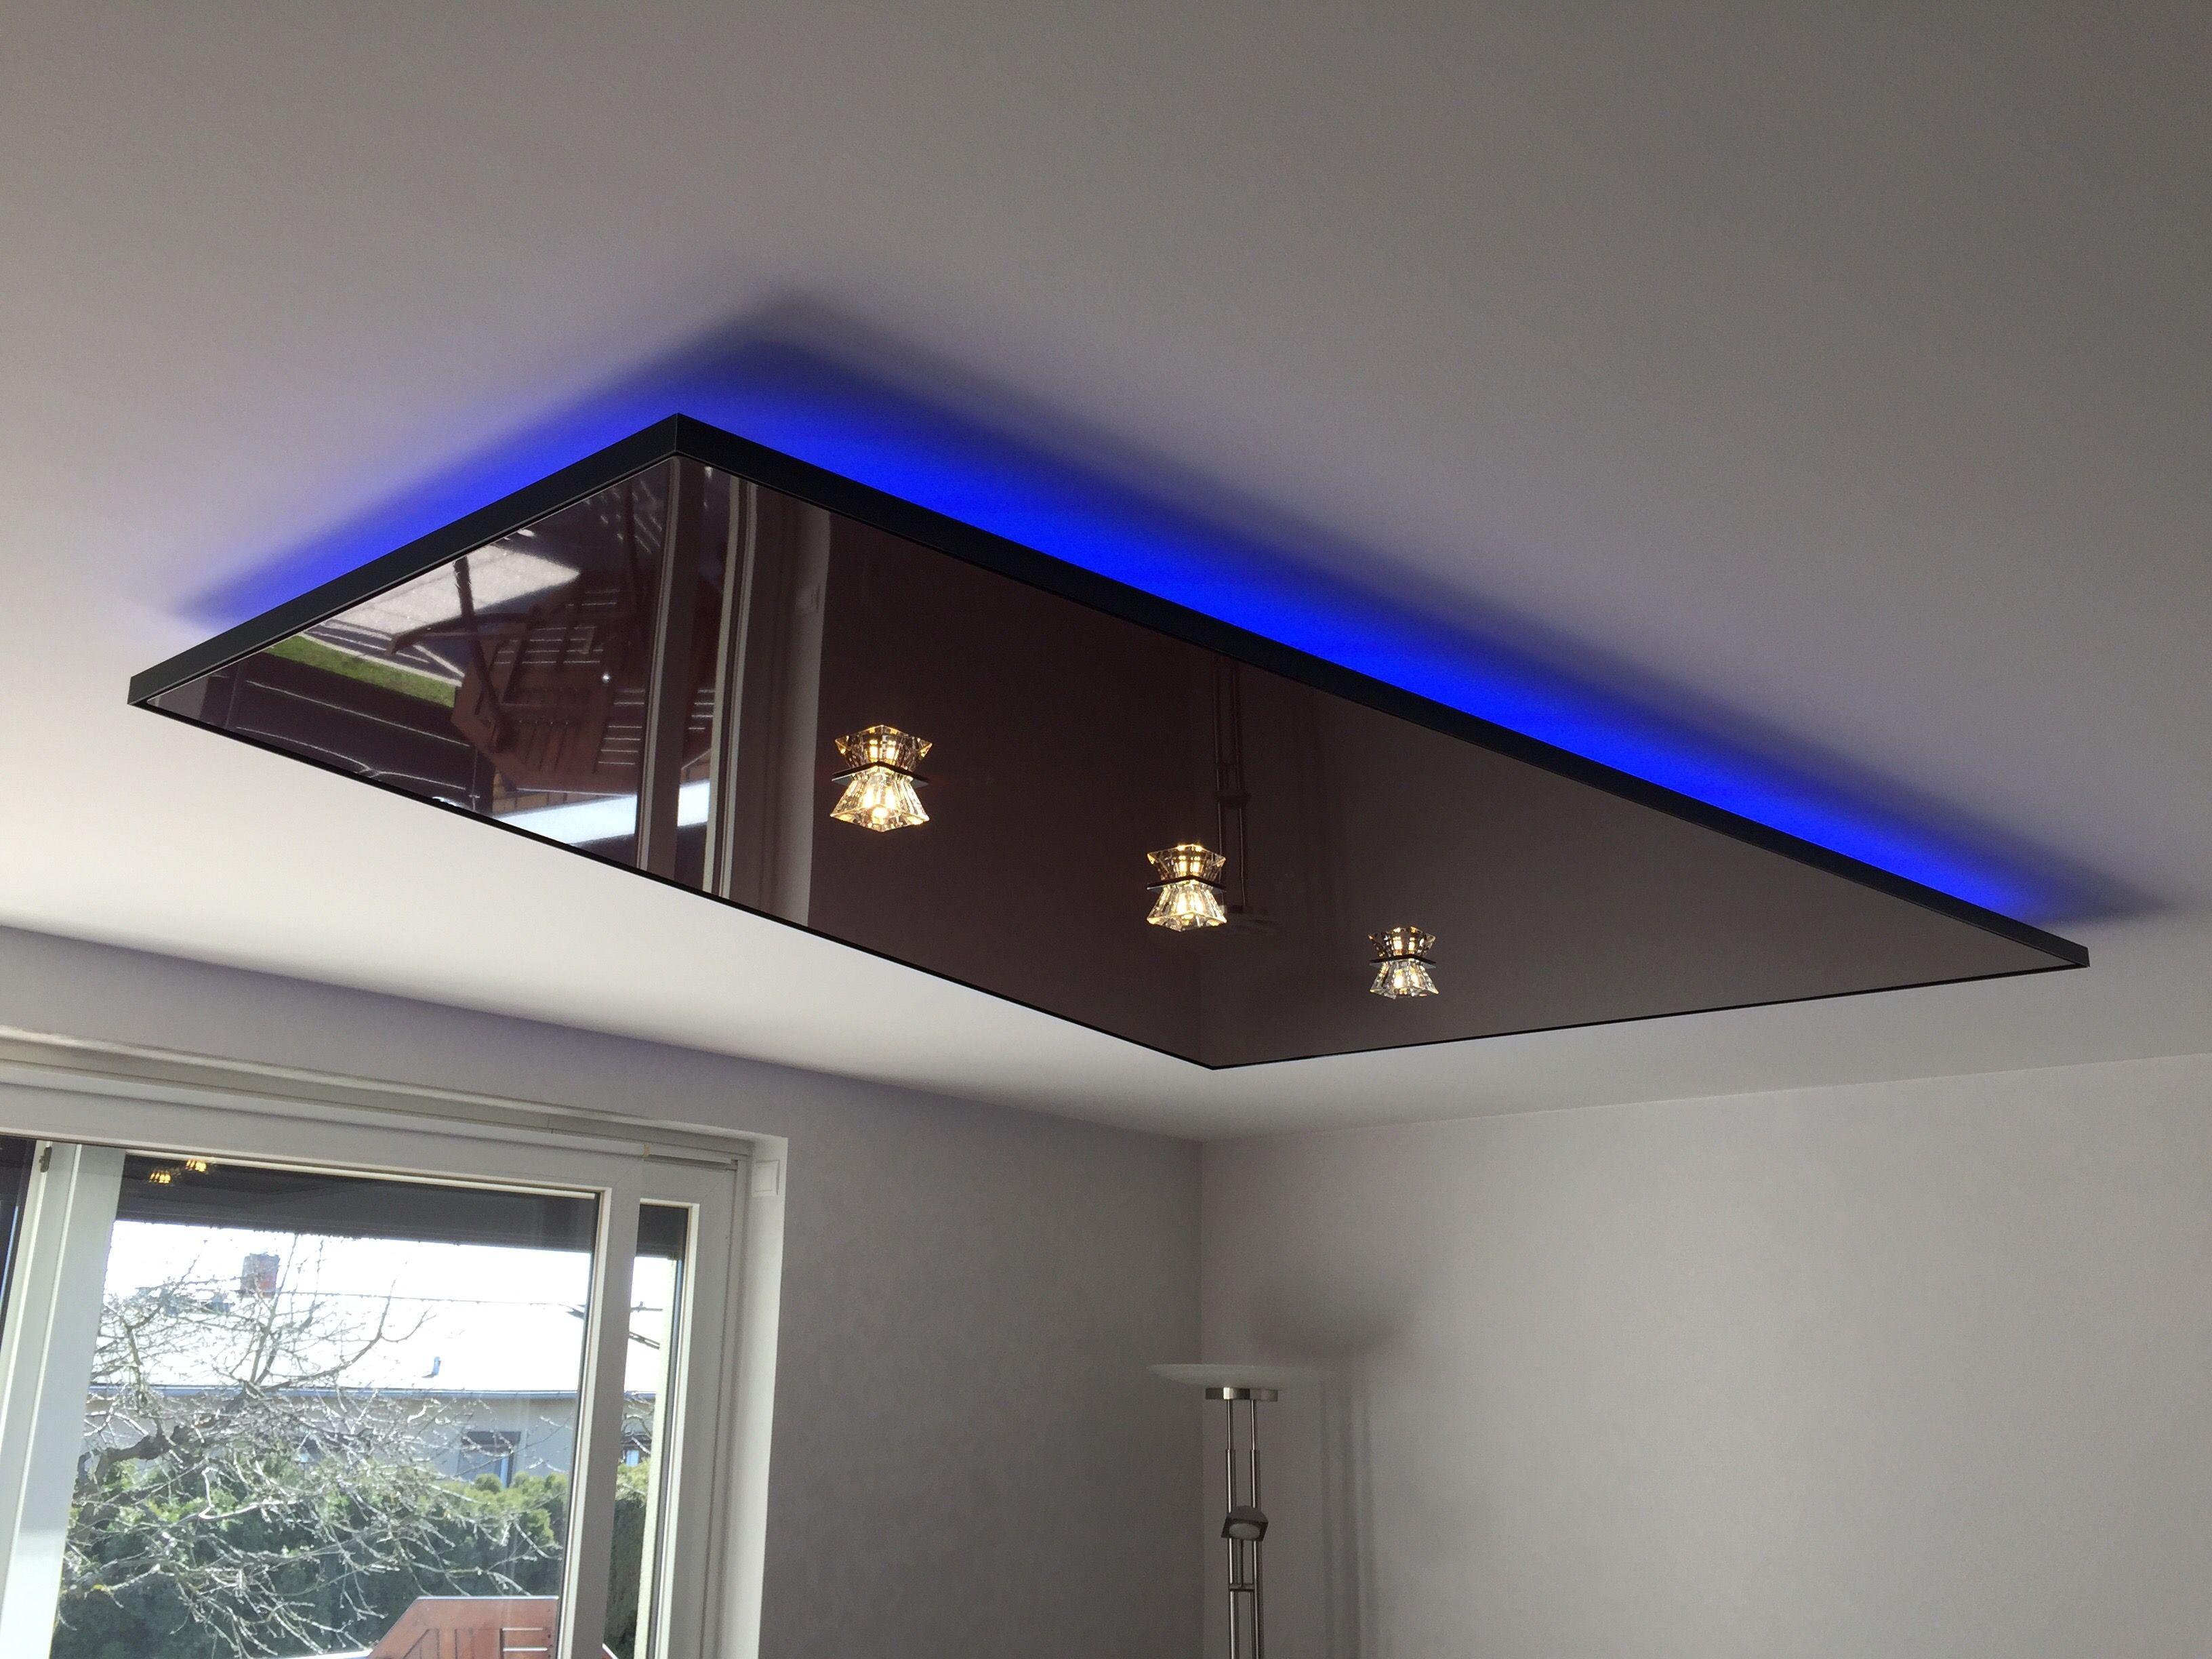 Spanndecke Deckensegel Mit Indirekter Rgb Beleuchtung Ceiling Lights Home Decor Decor